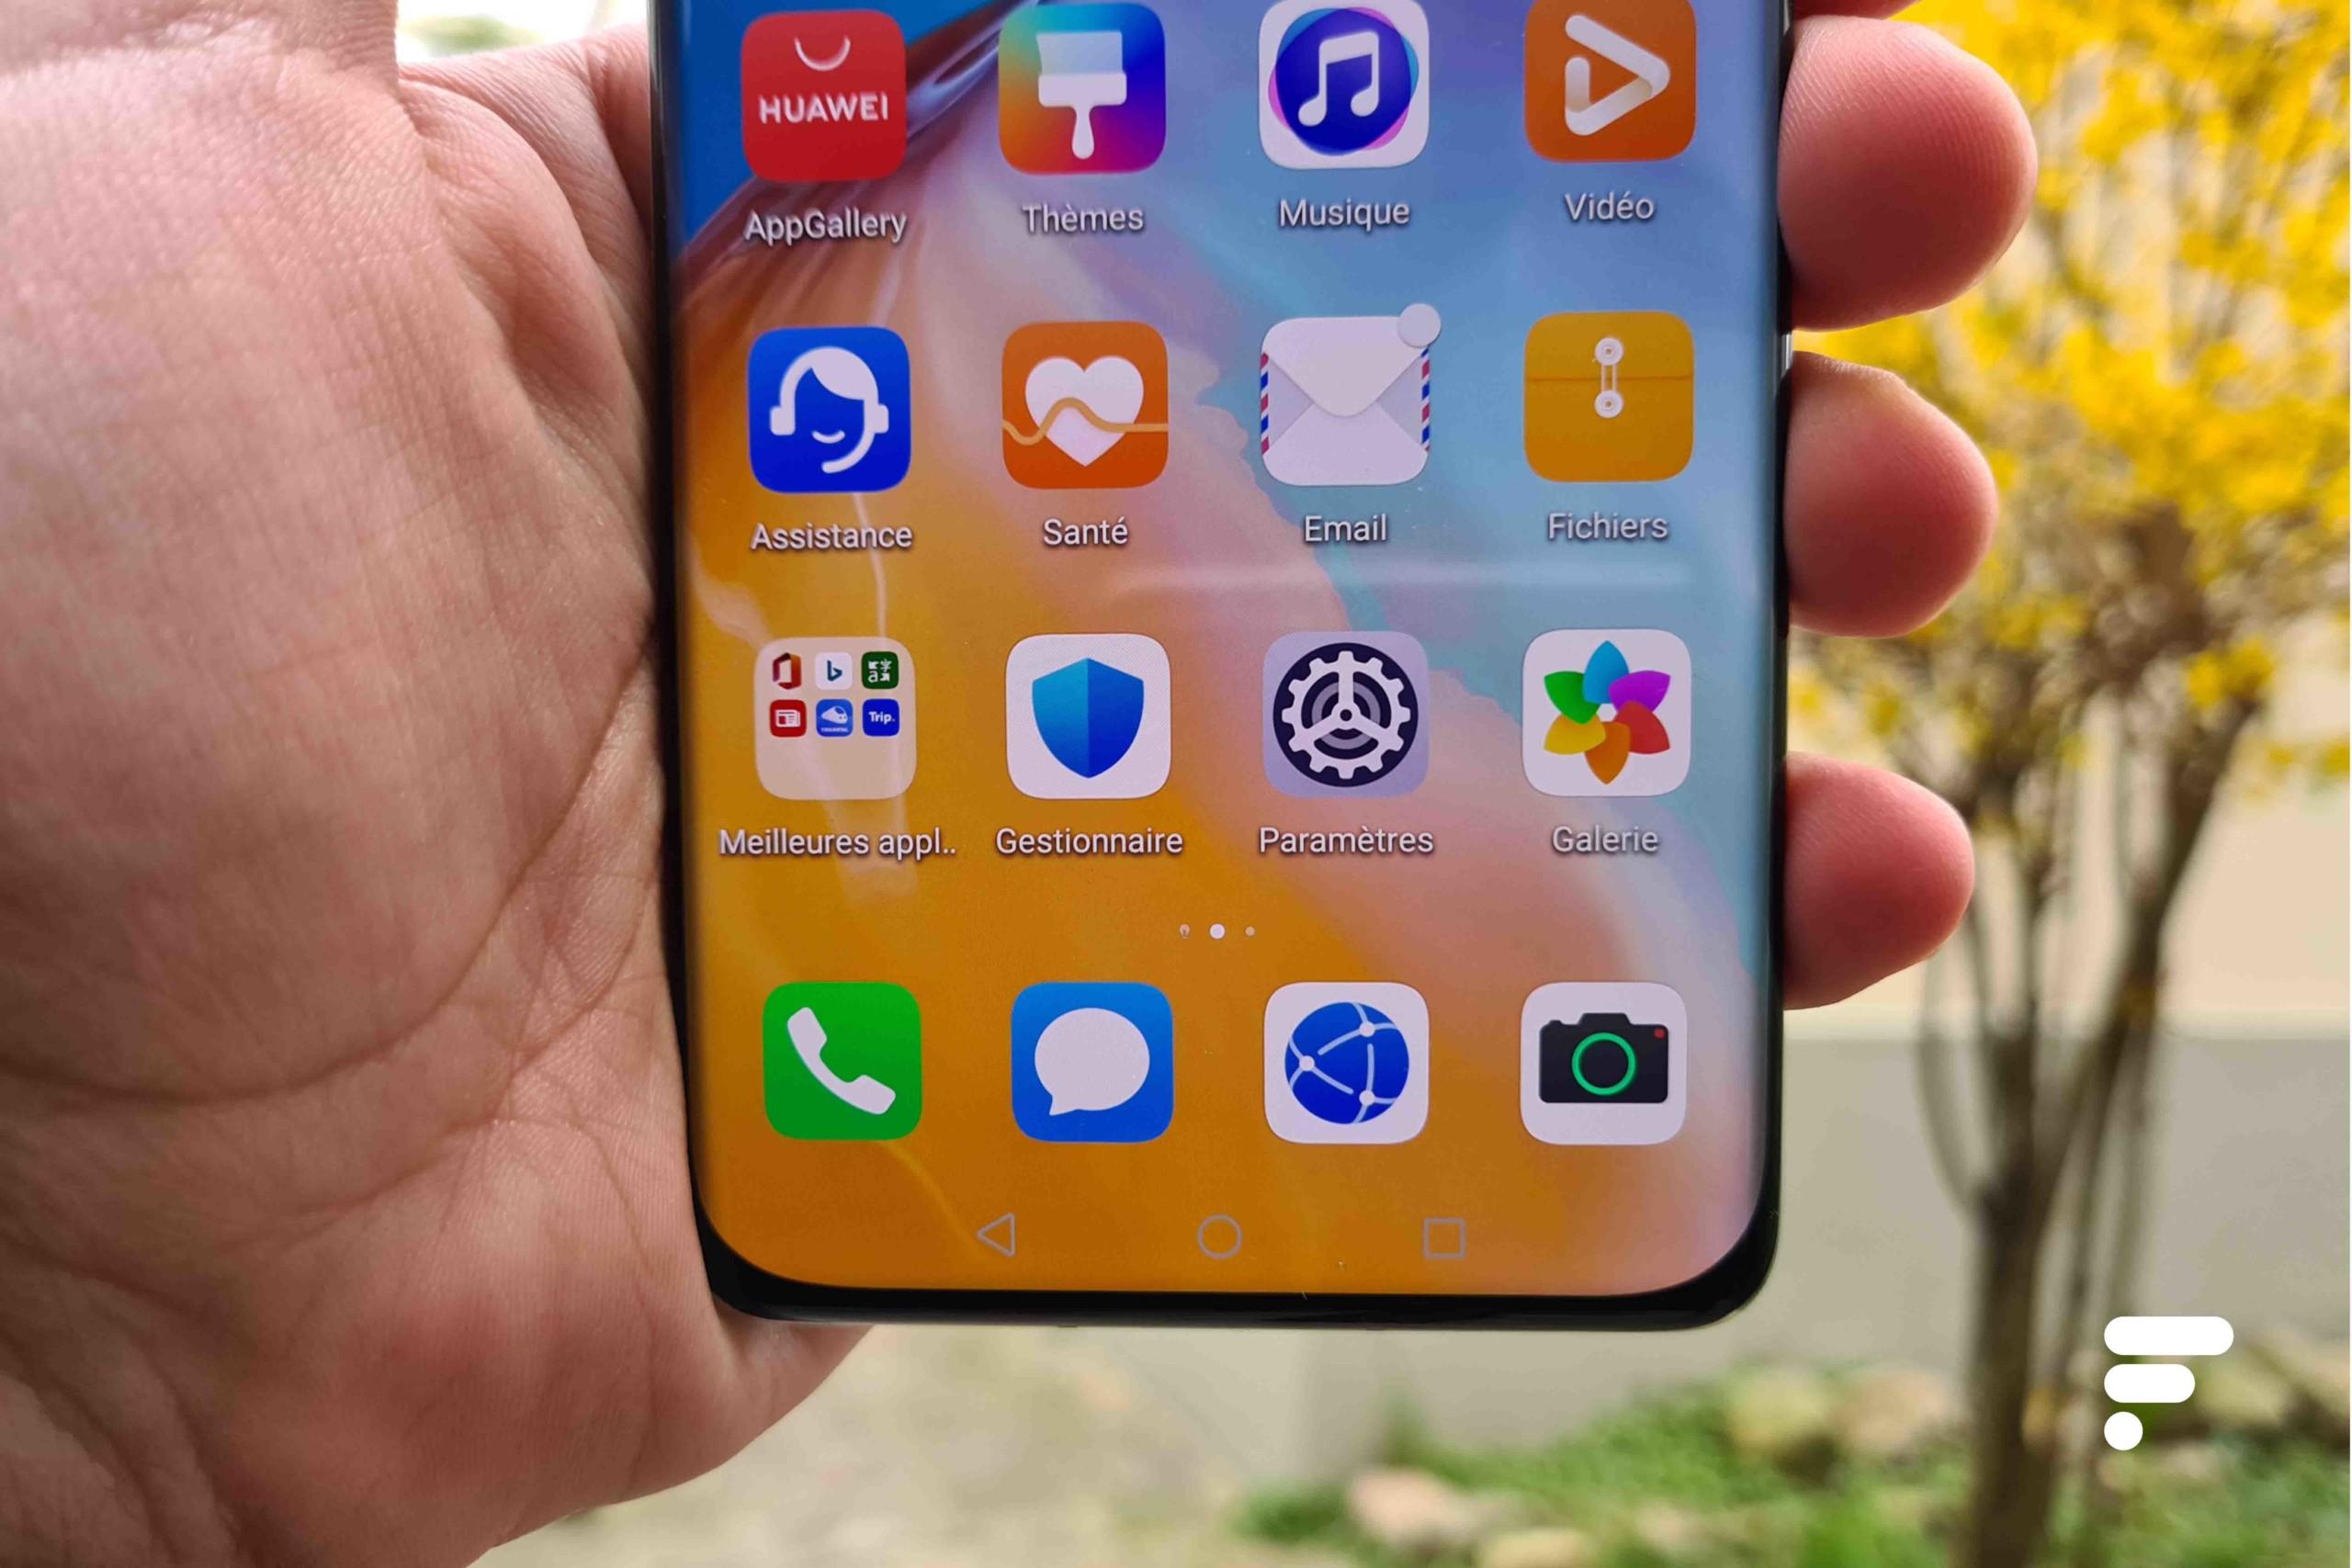 « Accès facile aux Google Apps » : Huawei taclé par certains concurrents